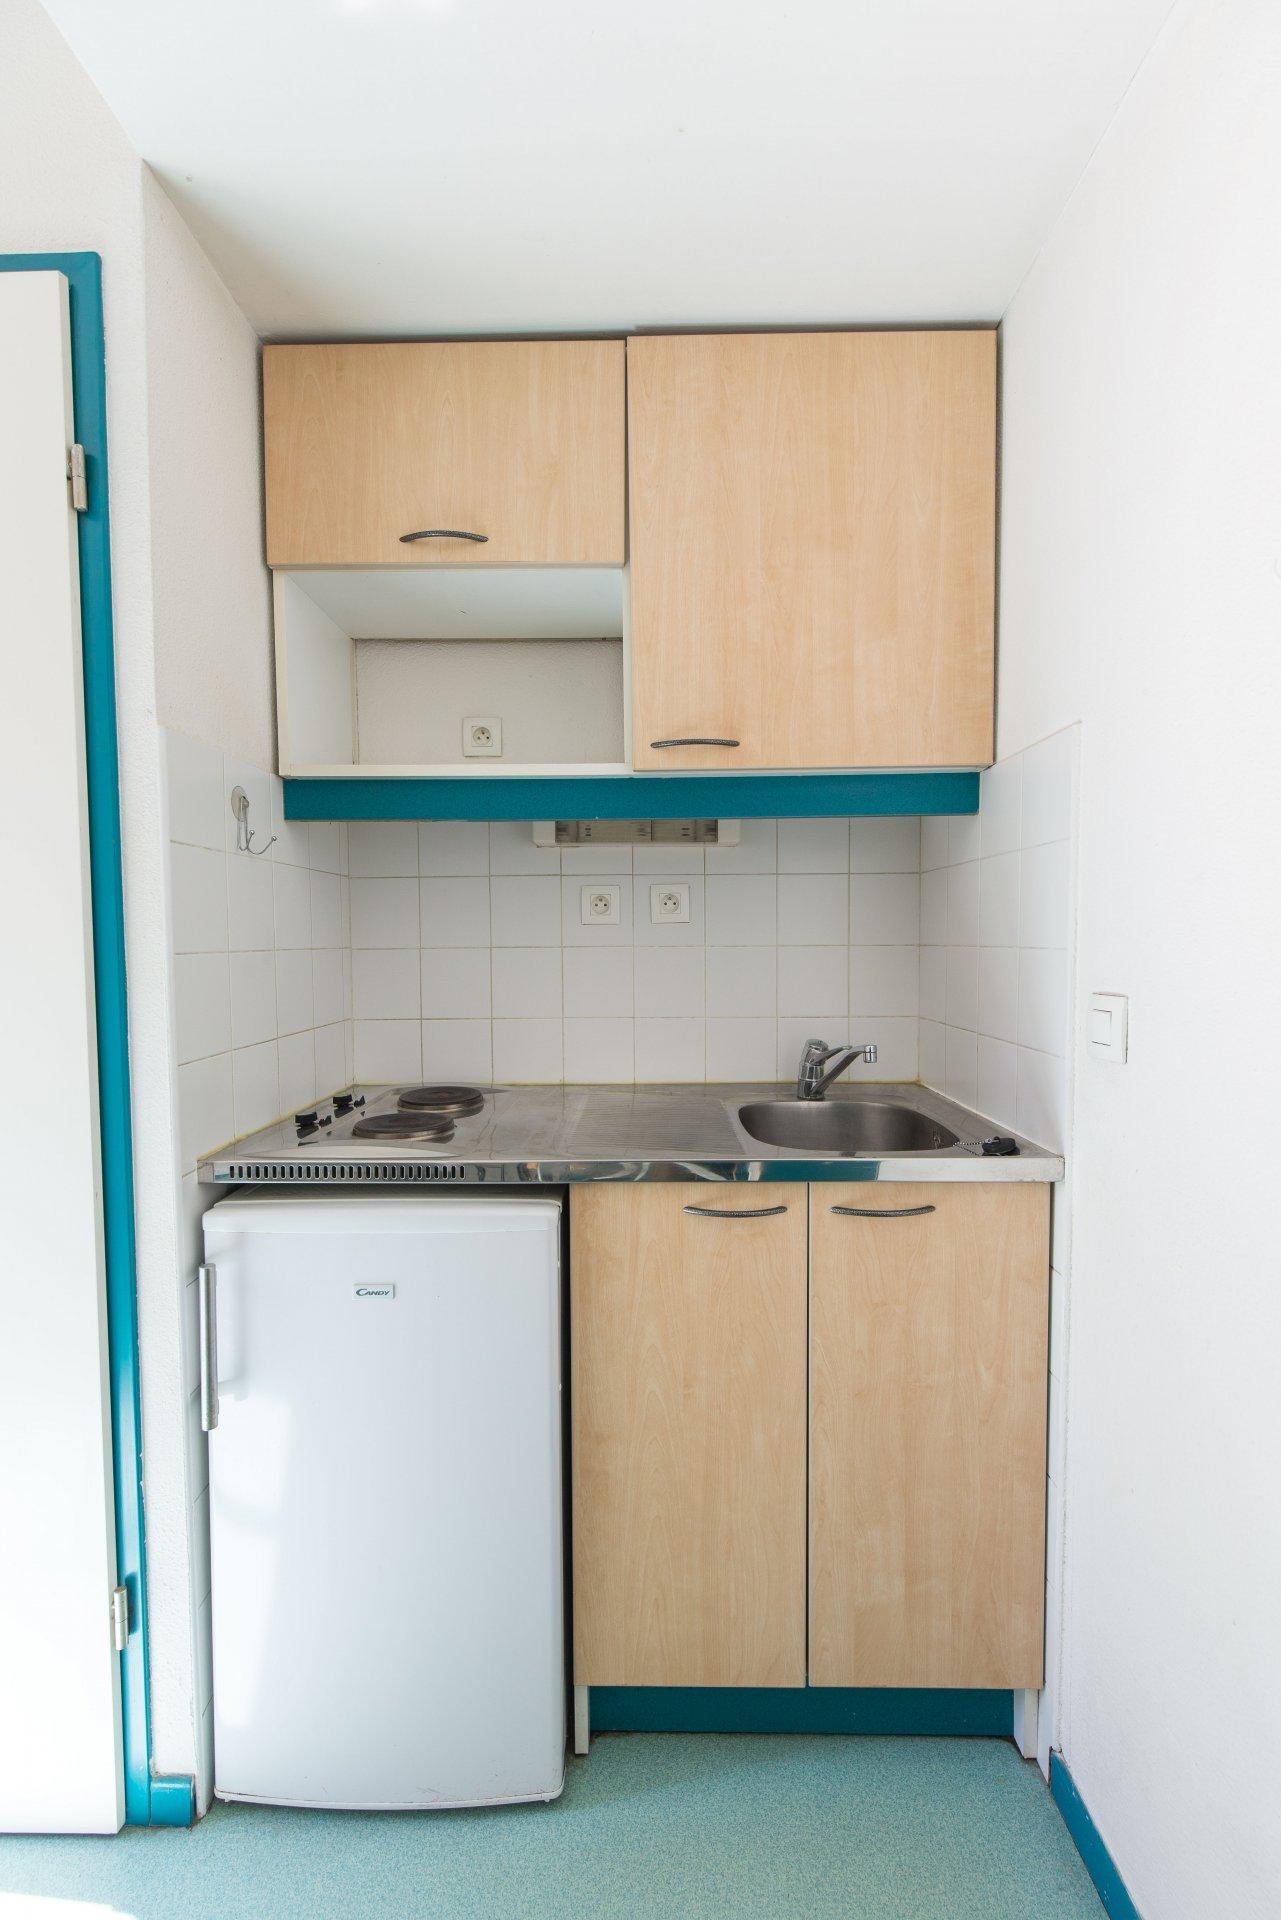 Lyon 3 - Fosse aux Ours - Studio meublé 19 m2 VENDU LOUÉ